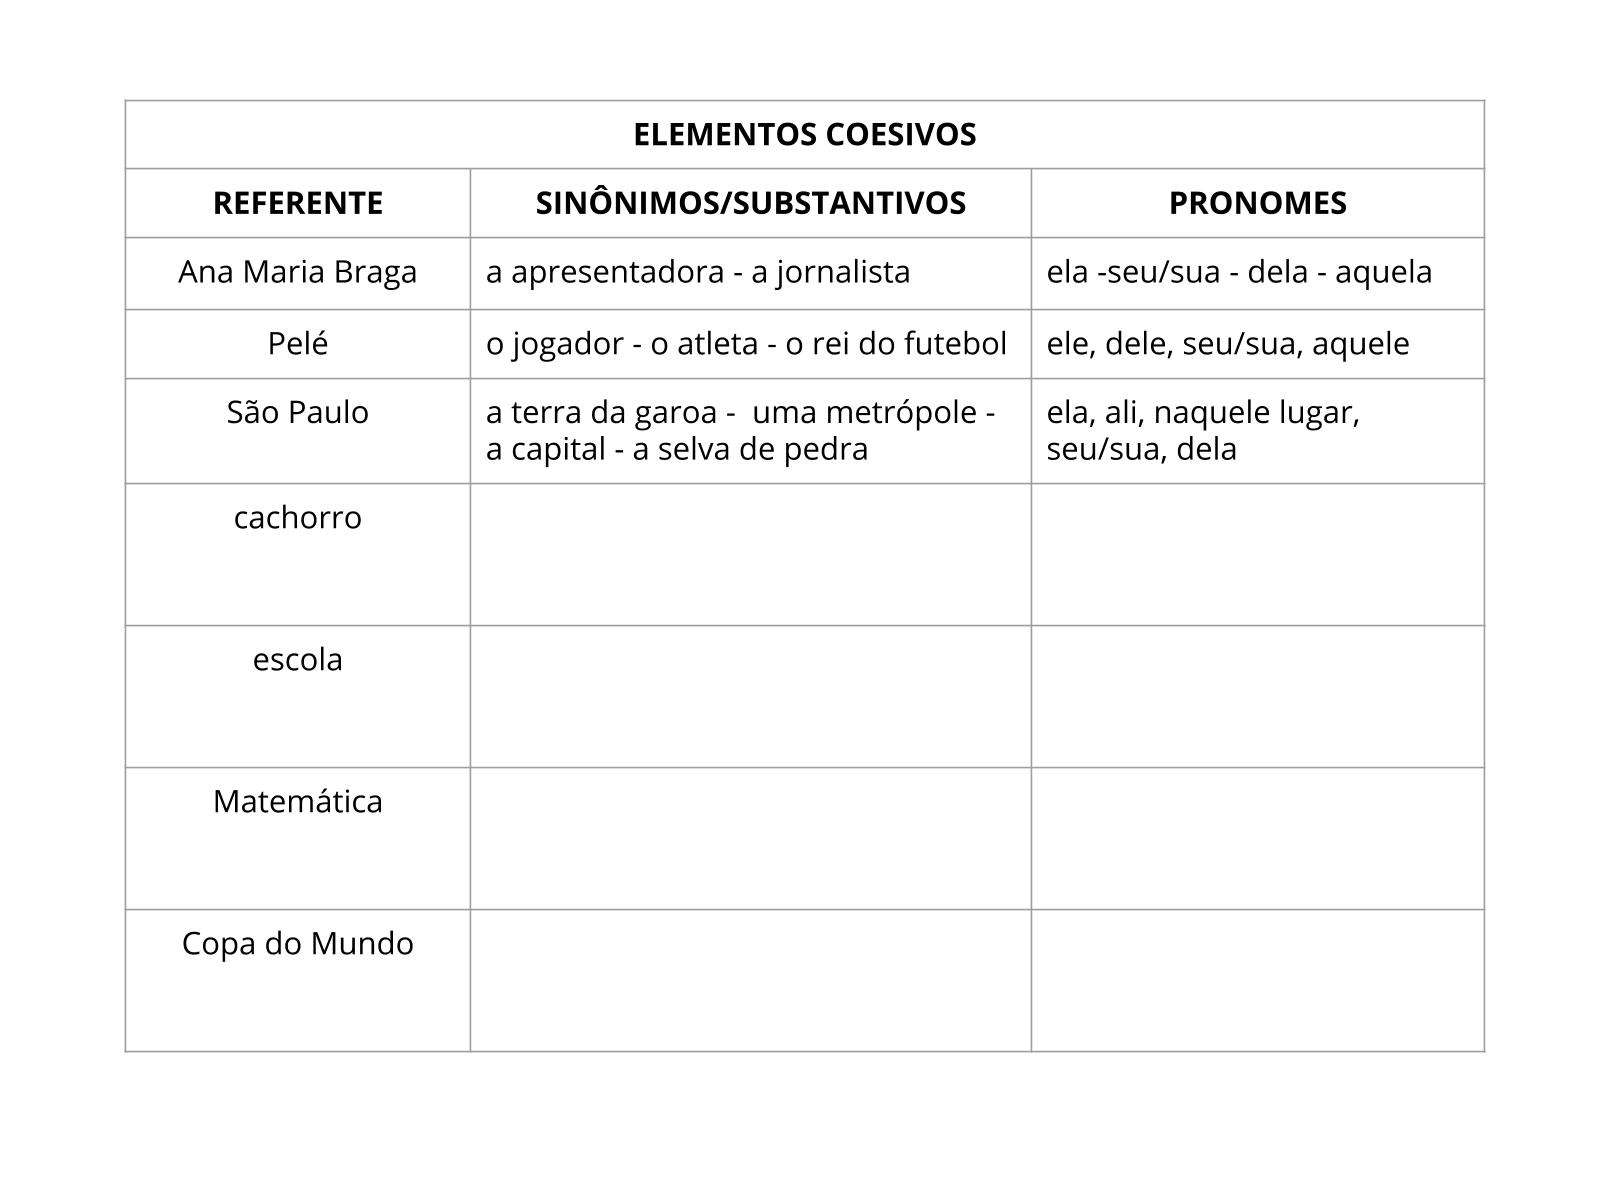 Elementos da coesão: o uso de nomes e de pronomes